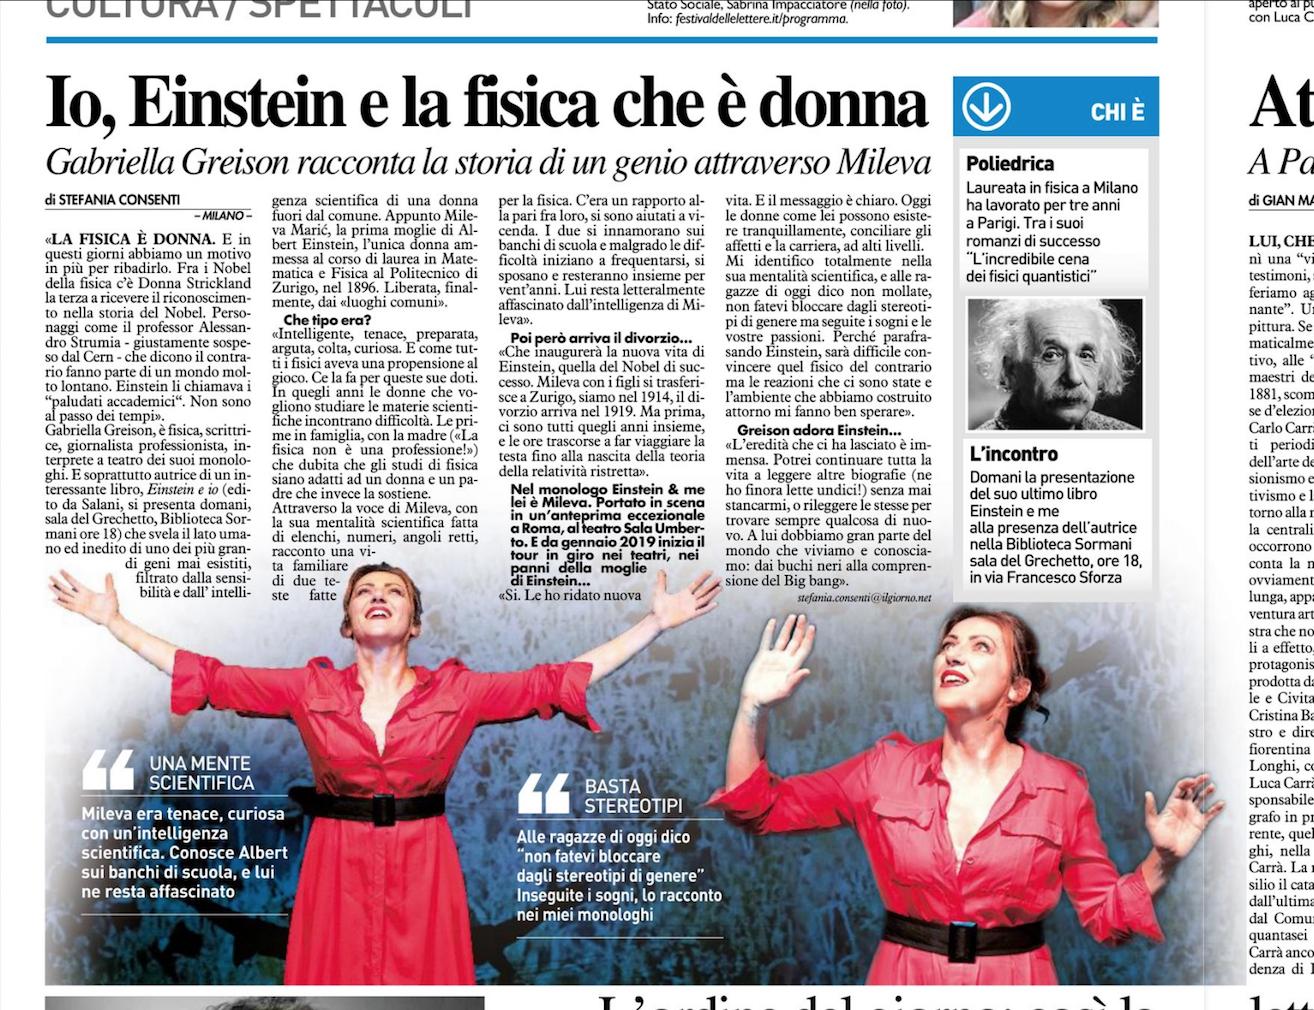 """rassegna stampa / sui giornali con """"Einstein e io"""" (il romanzo) e """"Einstein & me"""" (il monologo teatrale)"""